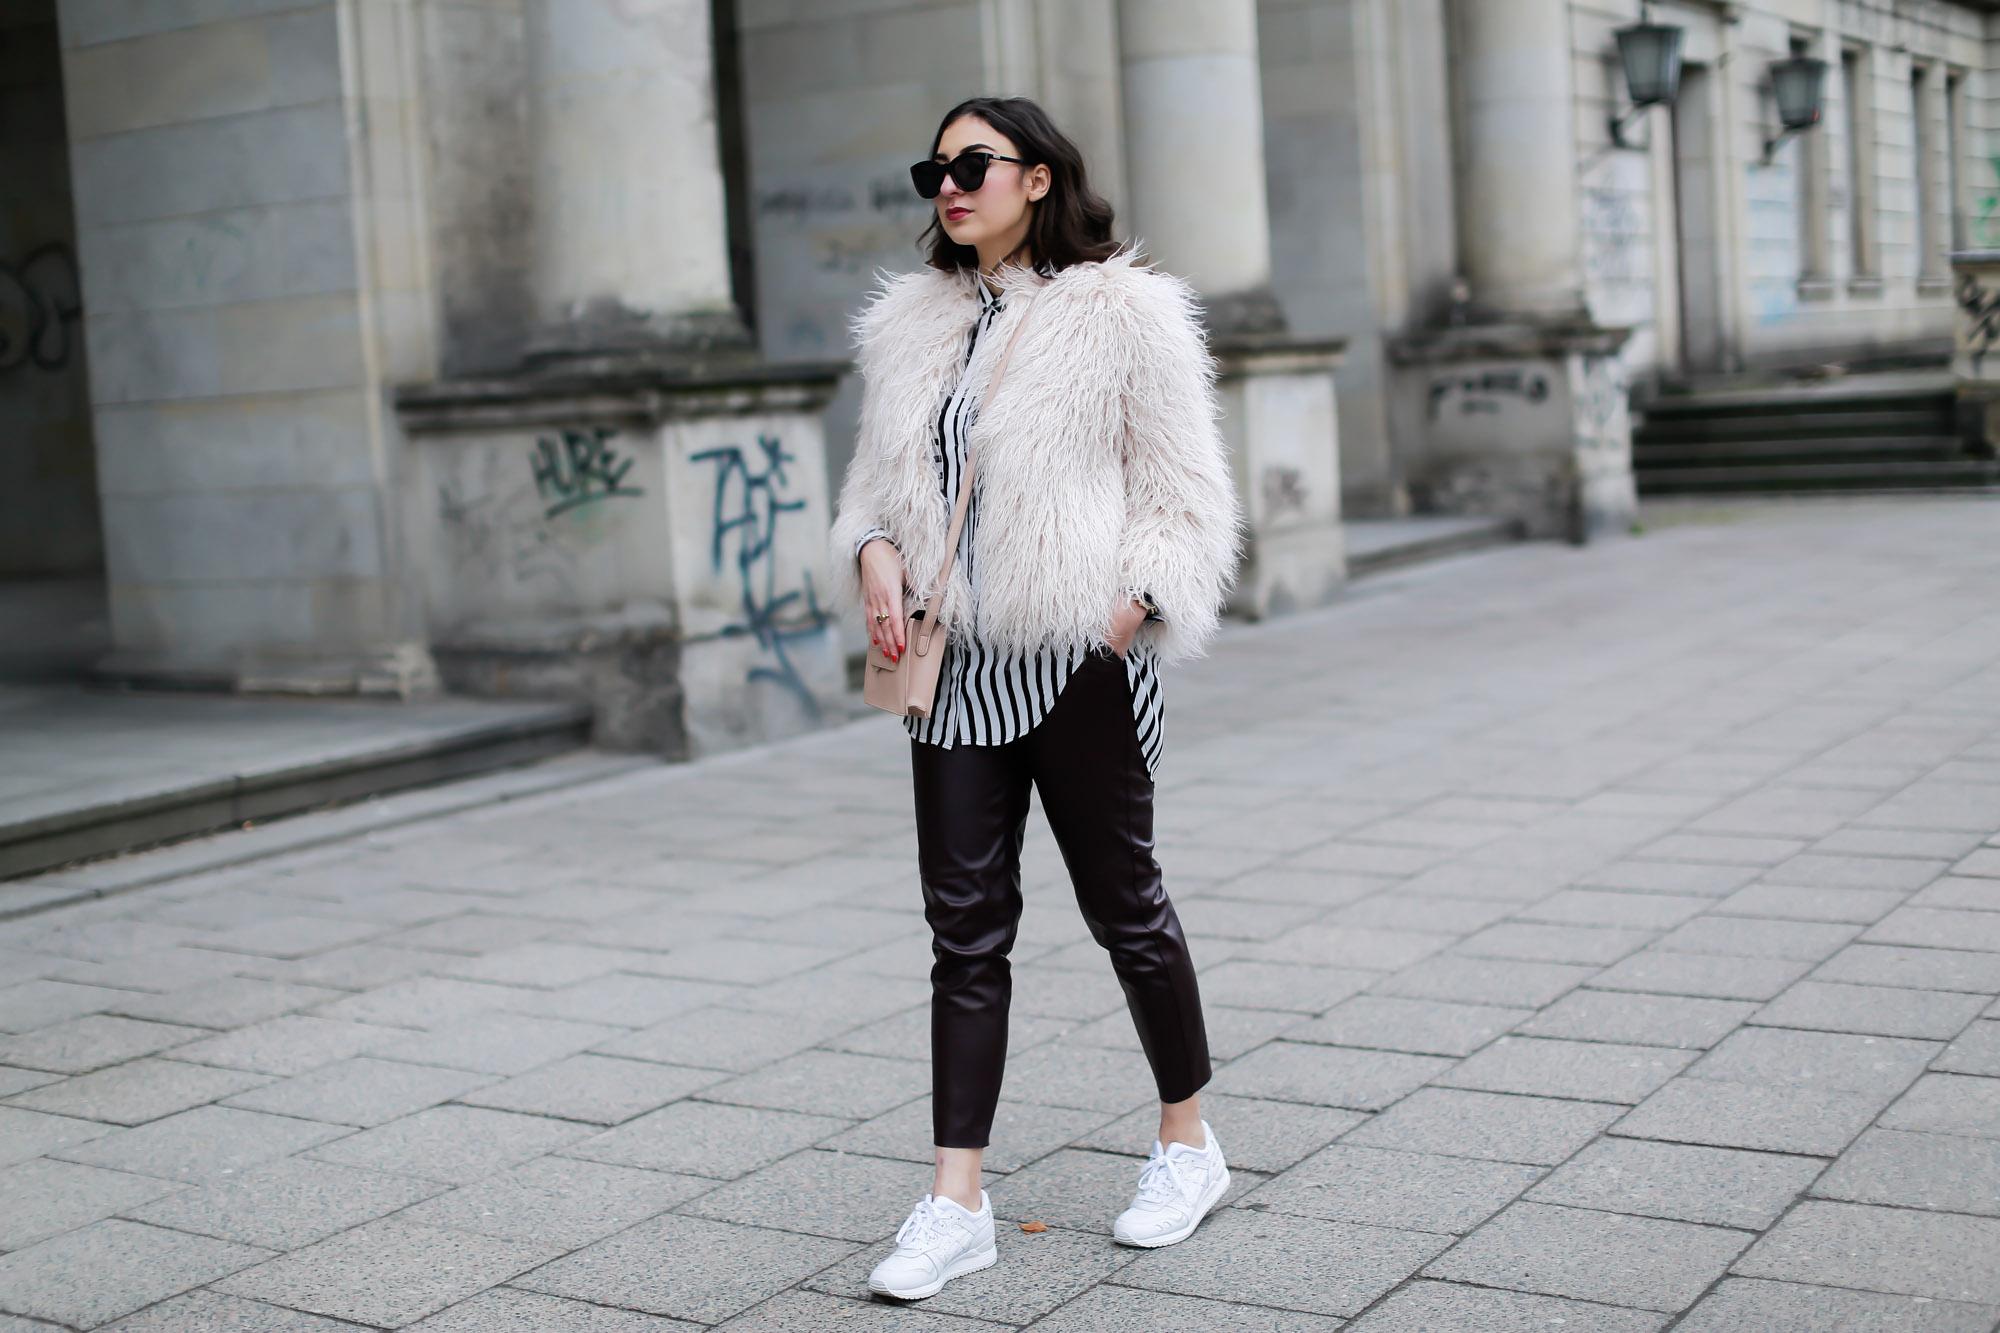 Black Woman Street Fashion